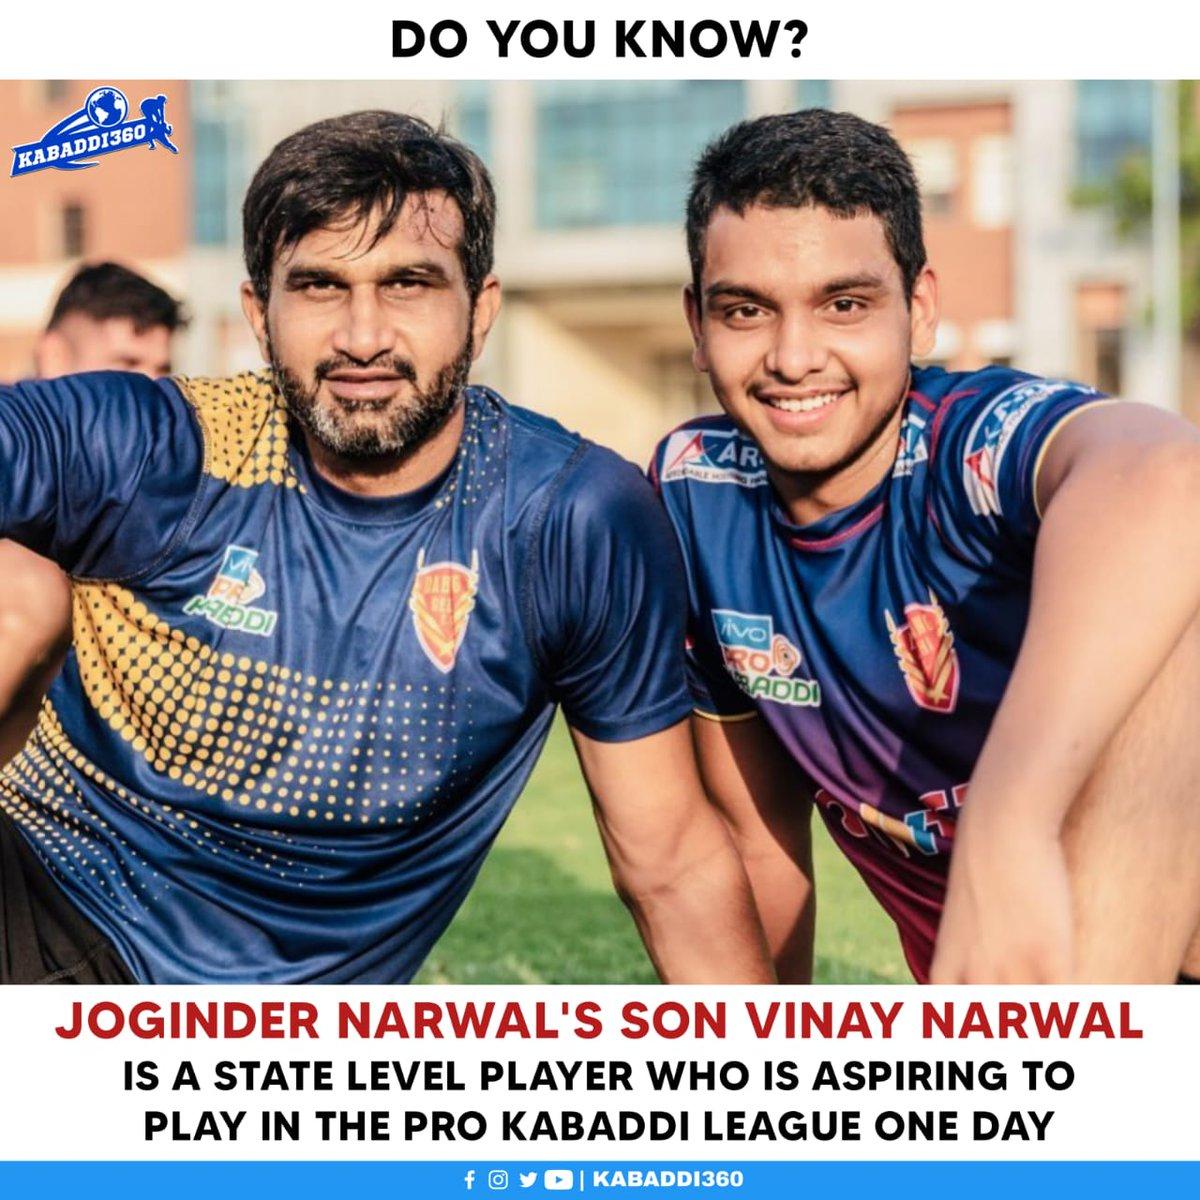 Would you love to see this father-son duo play in the Pro Kabaddi League? 😍  #JoginderNarwal #VinayNarwal #ProKabaddi #Kabaddi360